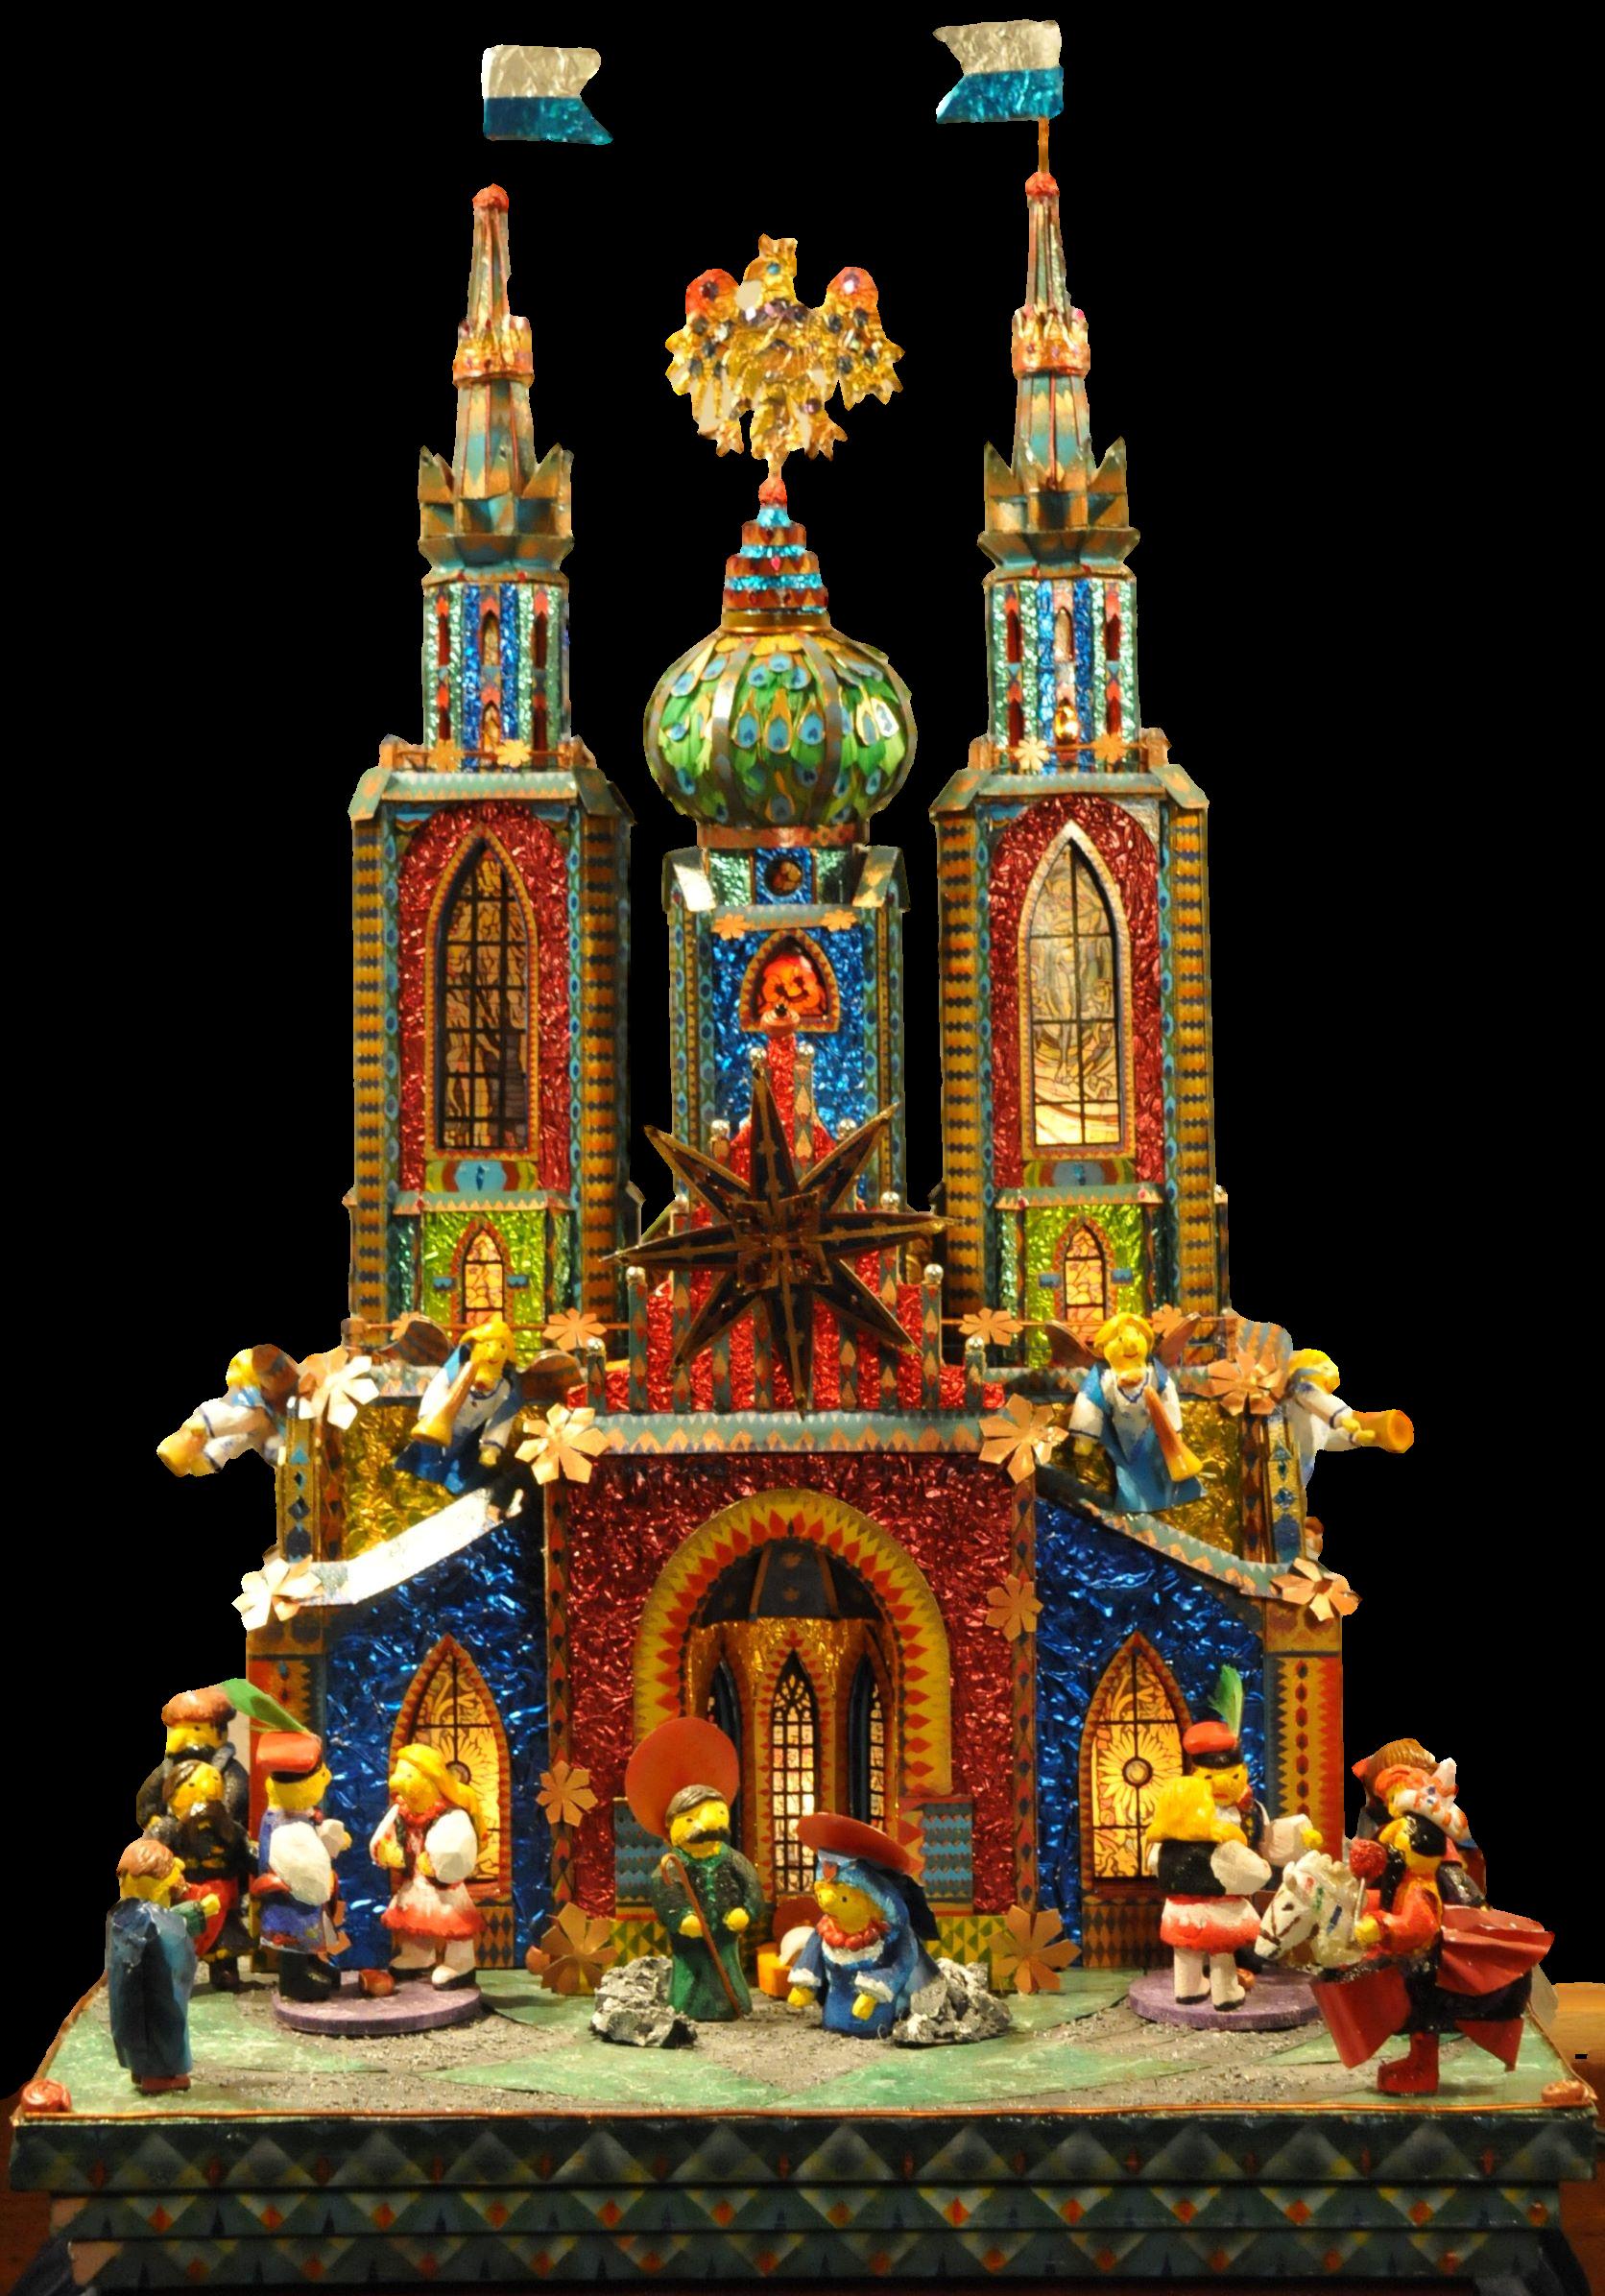 Competition Krakow Nativity - The Wyspianski szopka